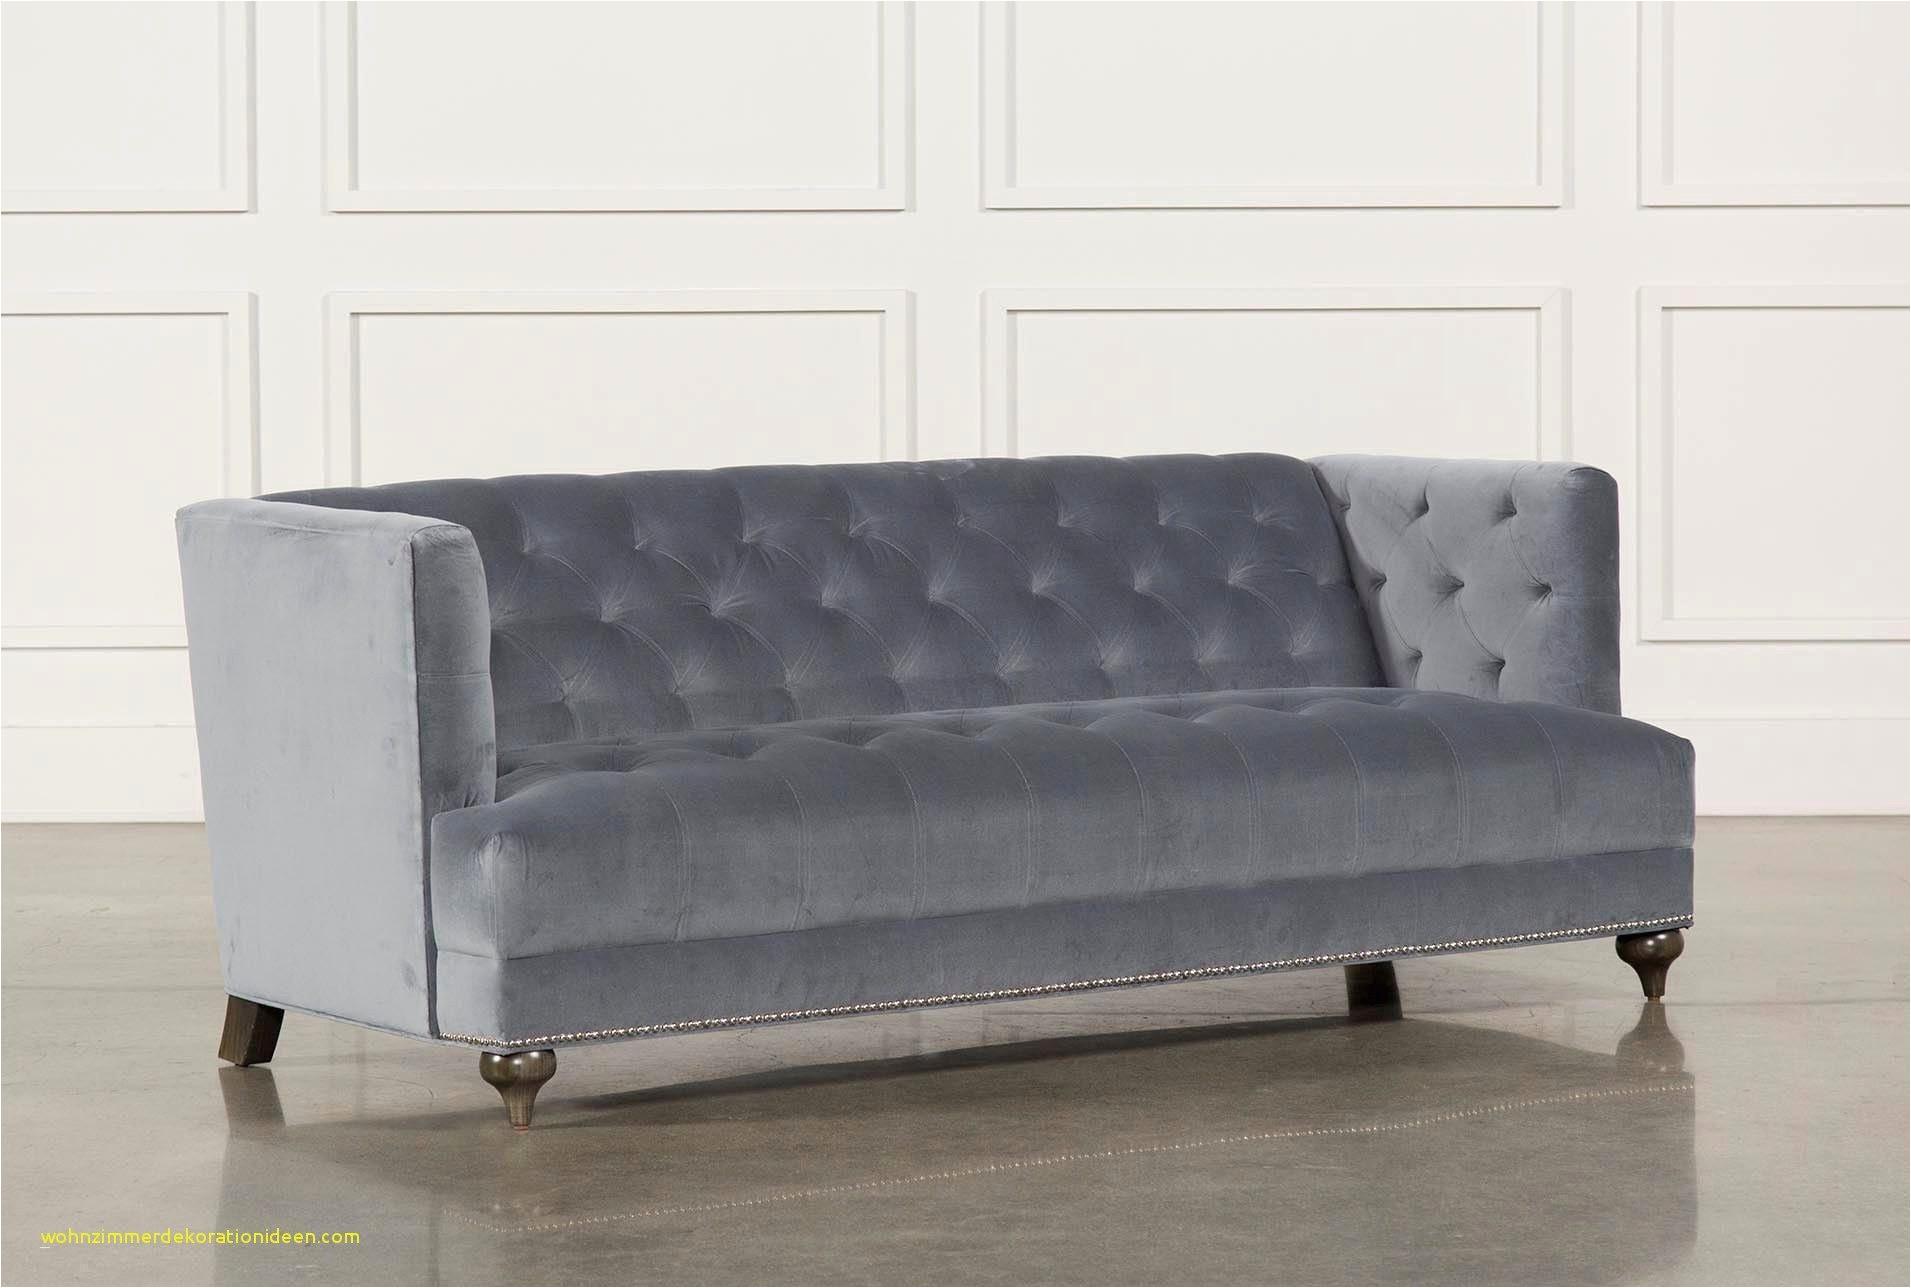 ektorp schlafsofa inspirierend ikea outdoor cushions elegant 13 best ikea ektorp sofa bed bilder